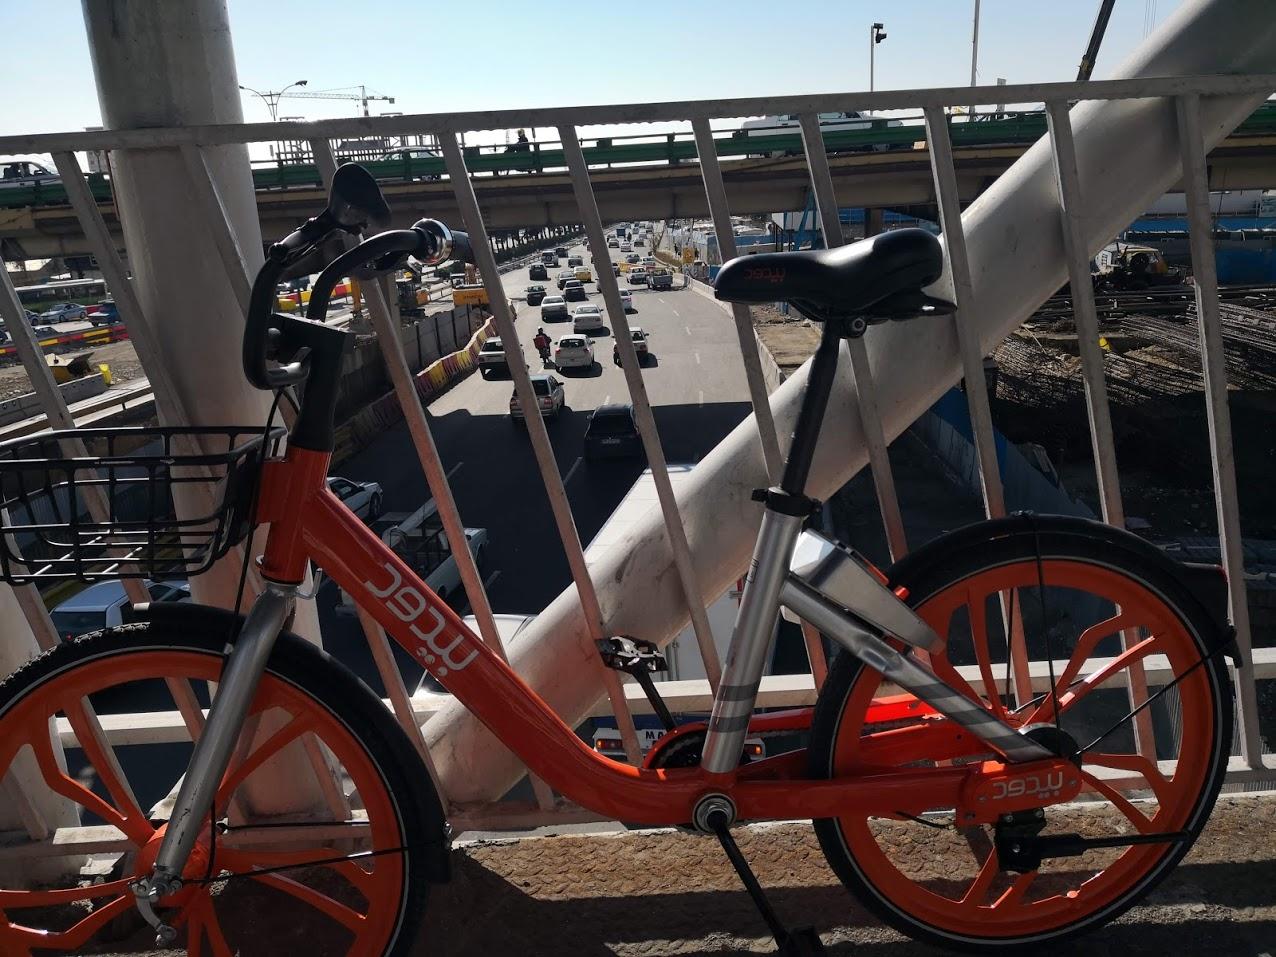 دوچرخه واقعا شهر رو قشنگتر و تمیزتر می کنه. البته بردنش روی پل کمی سخت بود اما خطری نیست